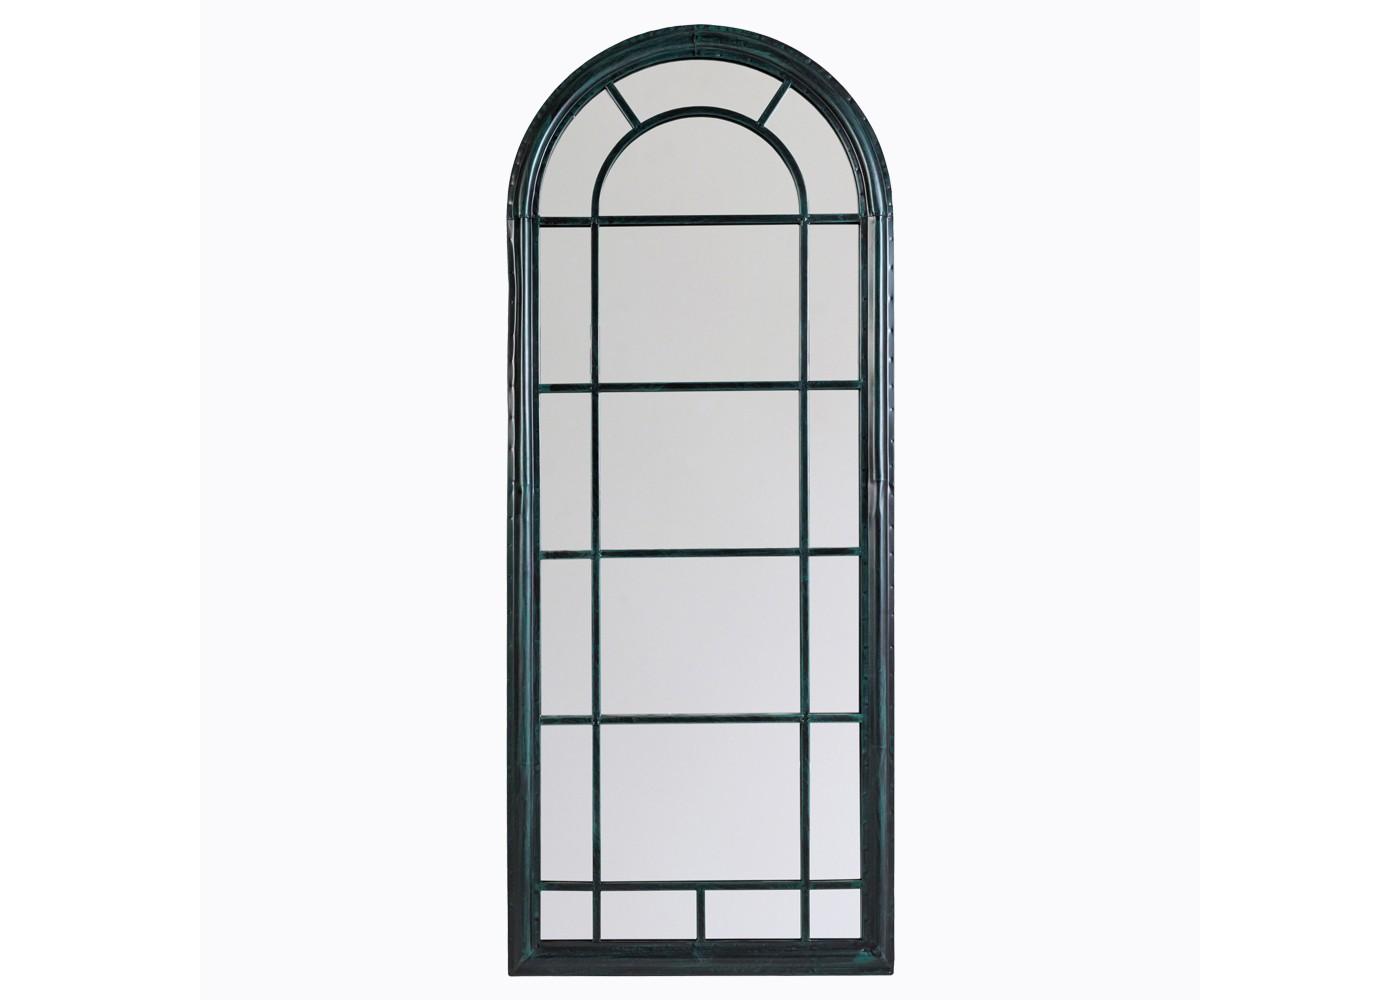 Настенное зеркало «Шайо» (черный антик)Настенные зеркала<br>&amp;quot;Шайо&amp;quot; ? восторженный комплимент романтизму классического дизайна. Зеркало, обладающее арочной формой, отличается идеальным балансом между практичностью, изыском и лаконичностью. Способное изменять не только оформление, но и архитектуру пространства, оно прекрасно впишется как в масштабные галереи, так и в миниатюрные будуары. Симметричная оправа из черного металла, в изысканности пропорций теряющая античную пышность и величественность, будет отменно гармонировать с поэтичными и аристократичными интерьерами.&amp;lt;div&amp;gt;&amp;lt;br&amp;gt;&amp;lt;/div&amp;gt;&amp;lt;div&amp;gt;Размер: 60?150?4 см.&amp;lt;/div&amp;gt;<br><br>Material: Металл